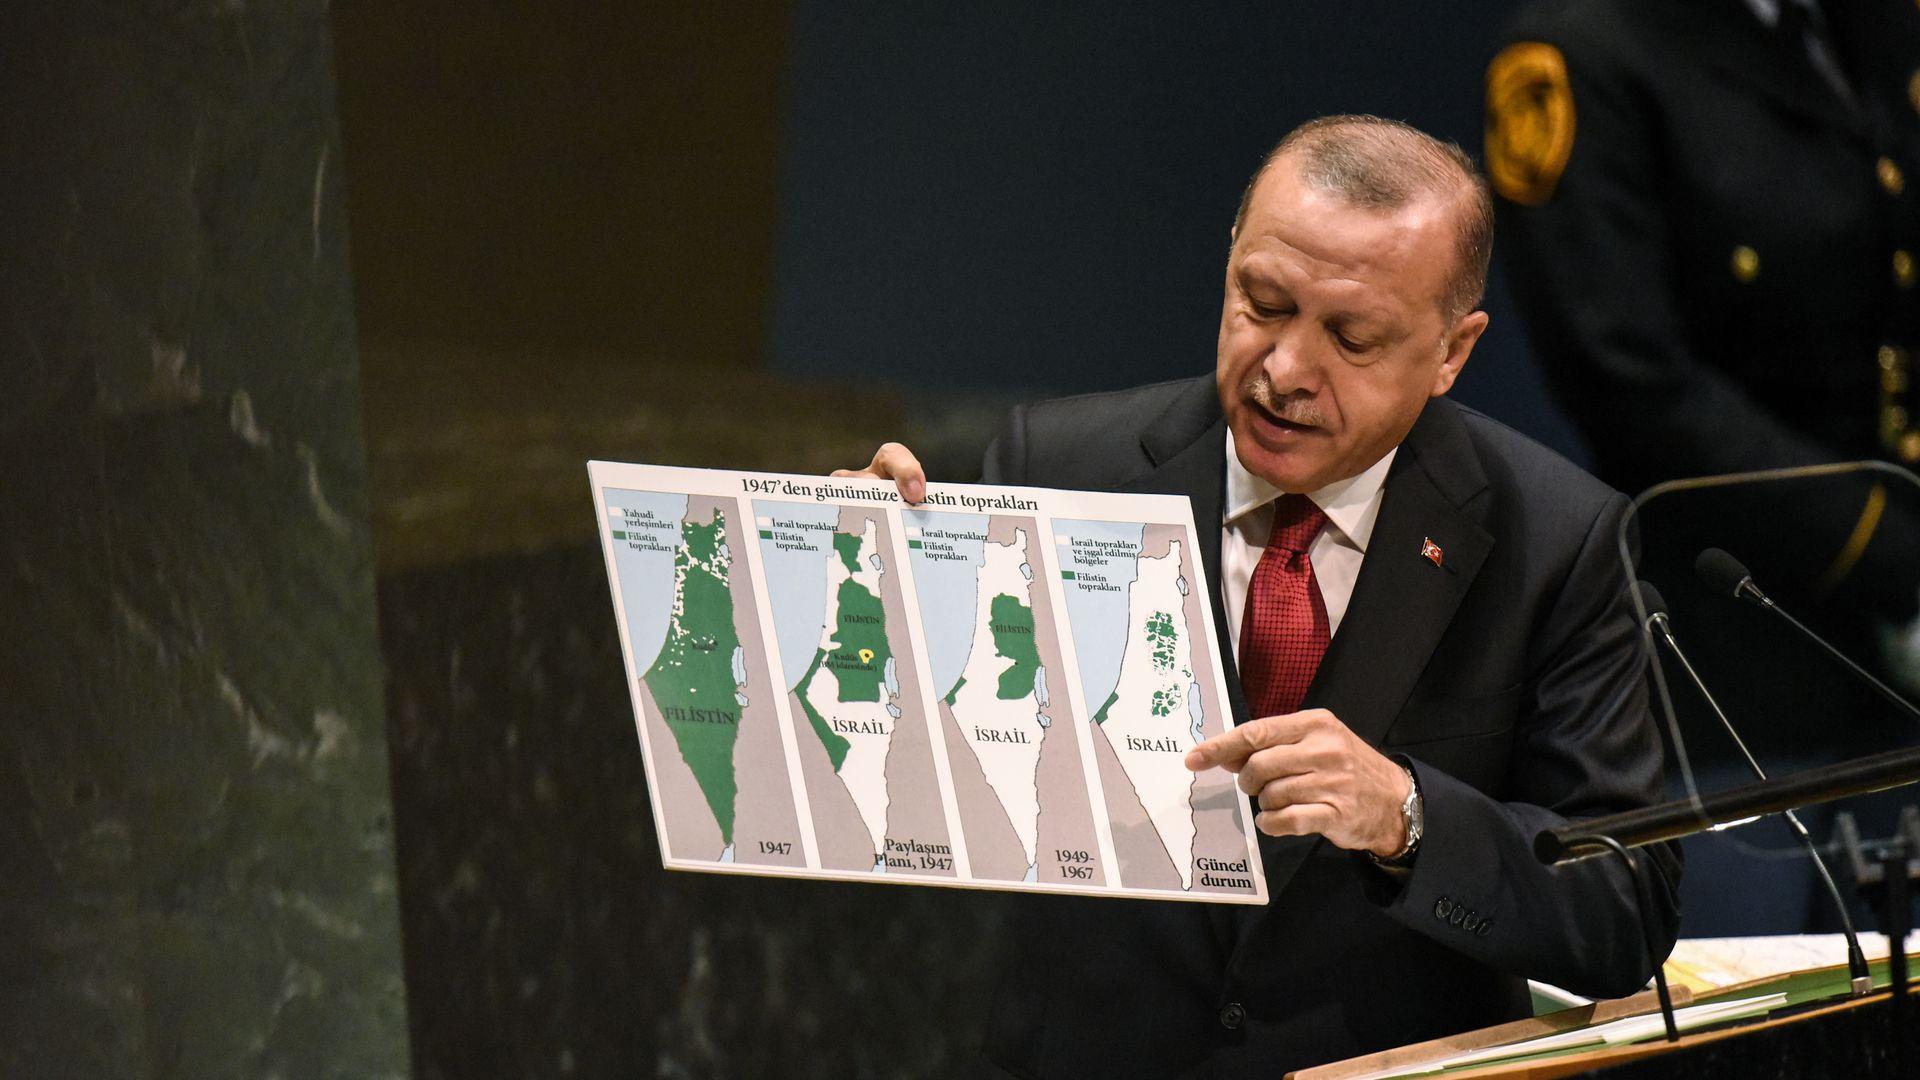 Το Ισραήλ διερευνά τη σοβαρότητα των προθέσεων του Ερντογάν για εξομάλυνση των σχέσεων